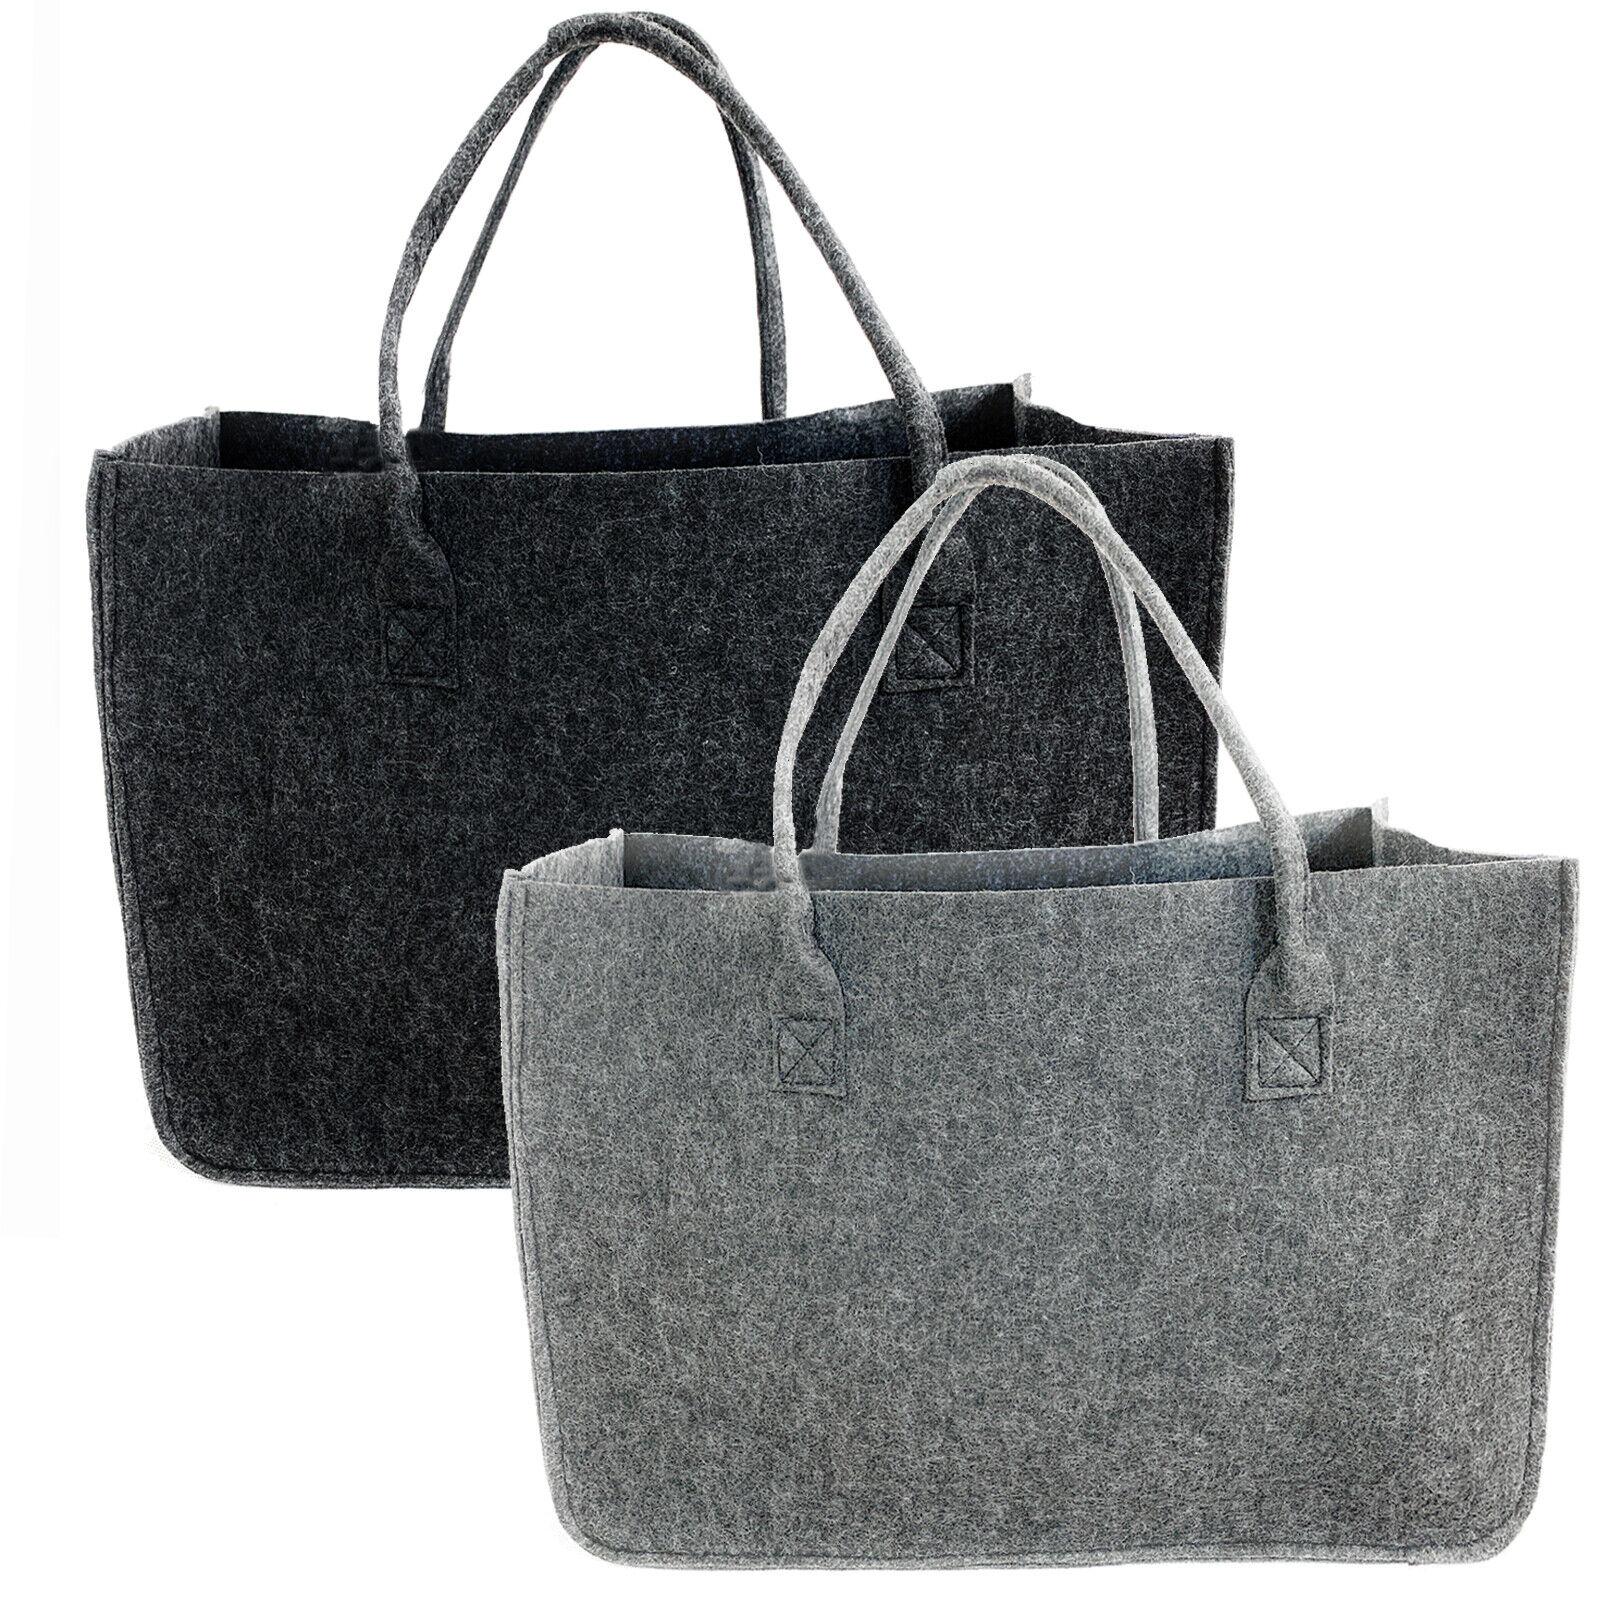 XL Filztasche Shopper Grau ca. 40L Kaminholztasche Tasche Einkaufstasche